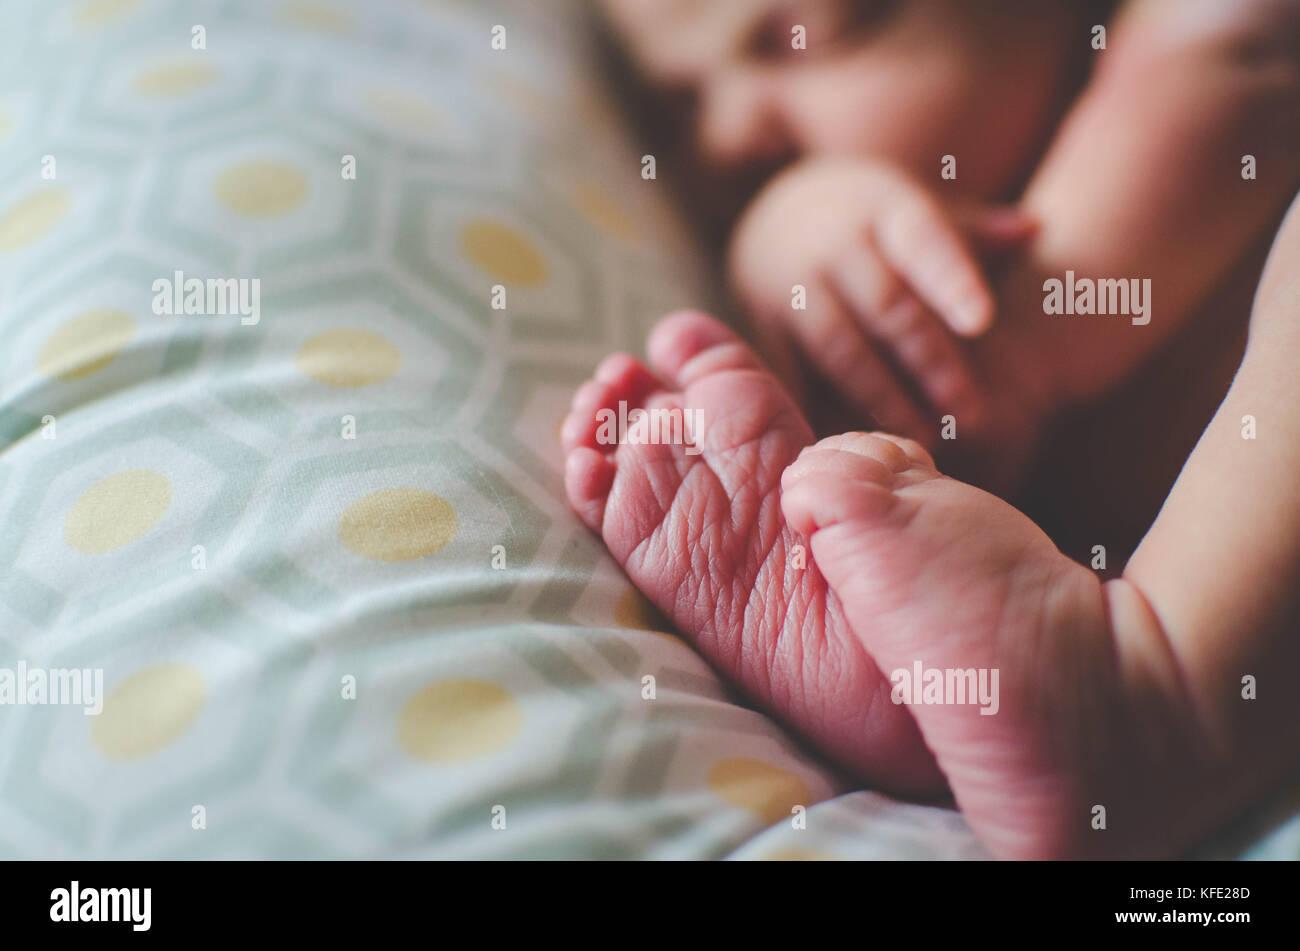 Menschliche neugeborene Baby schlafend auf einem Kissen Stockbild